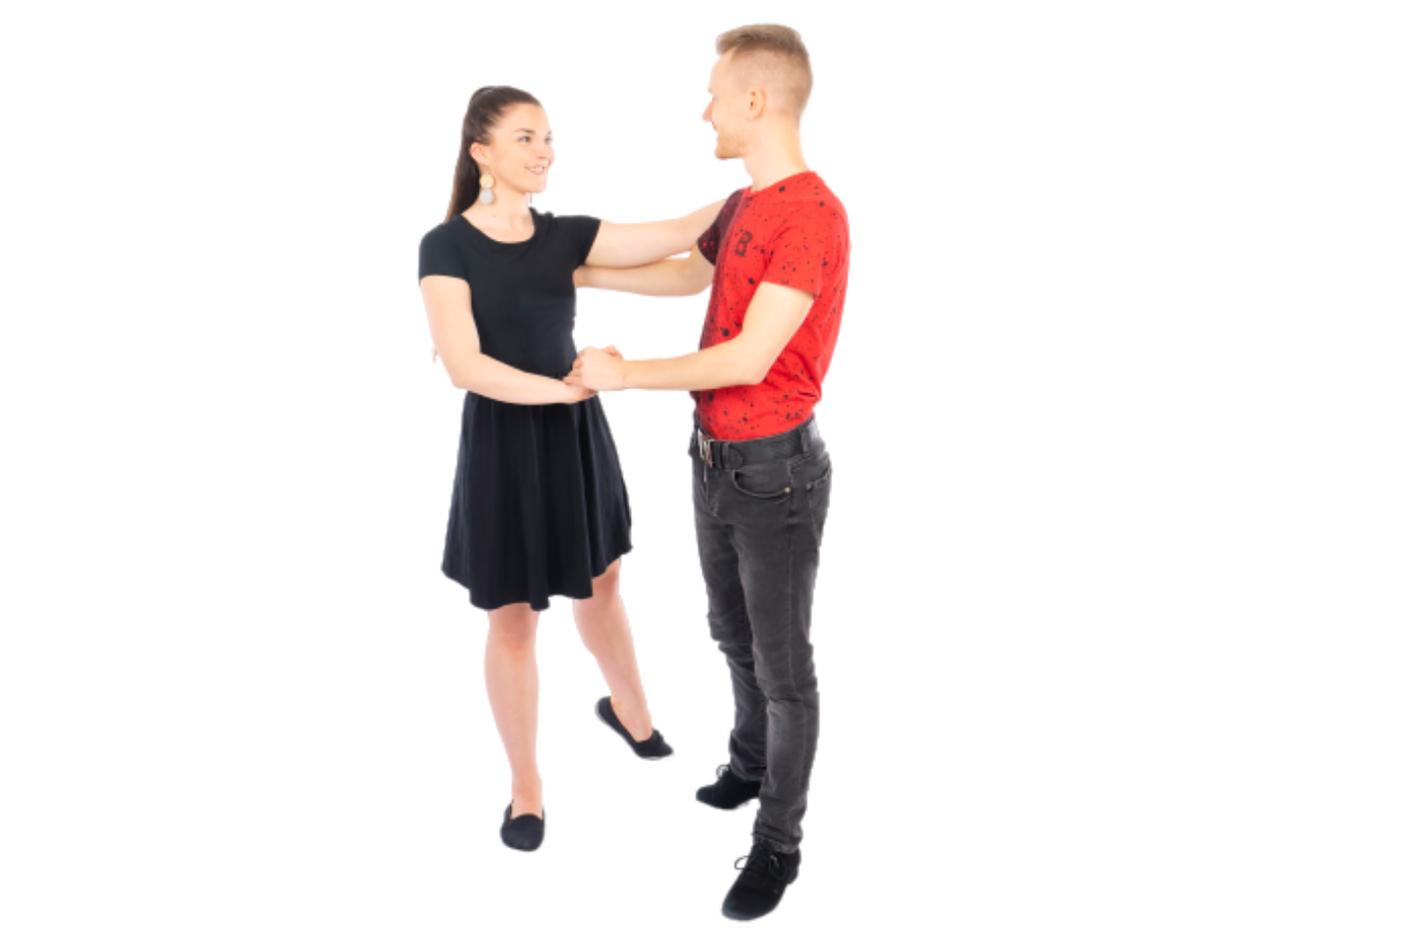 Tanssipari